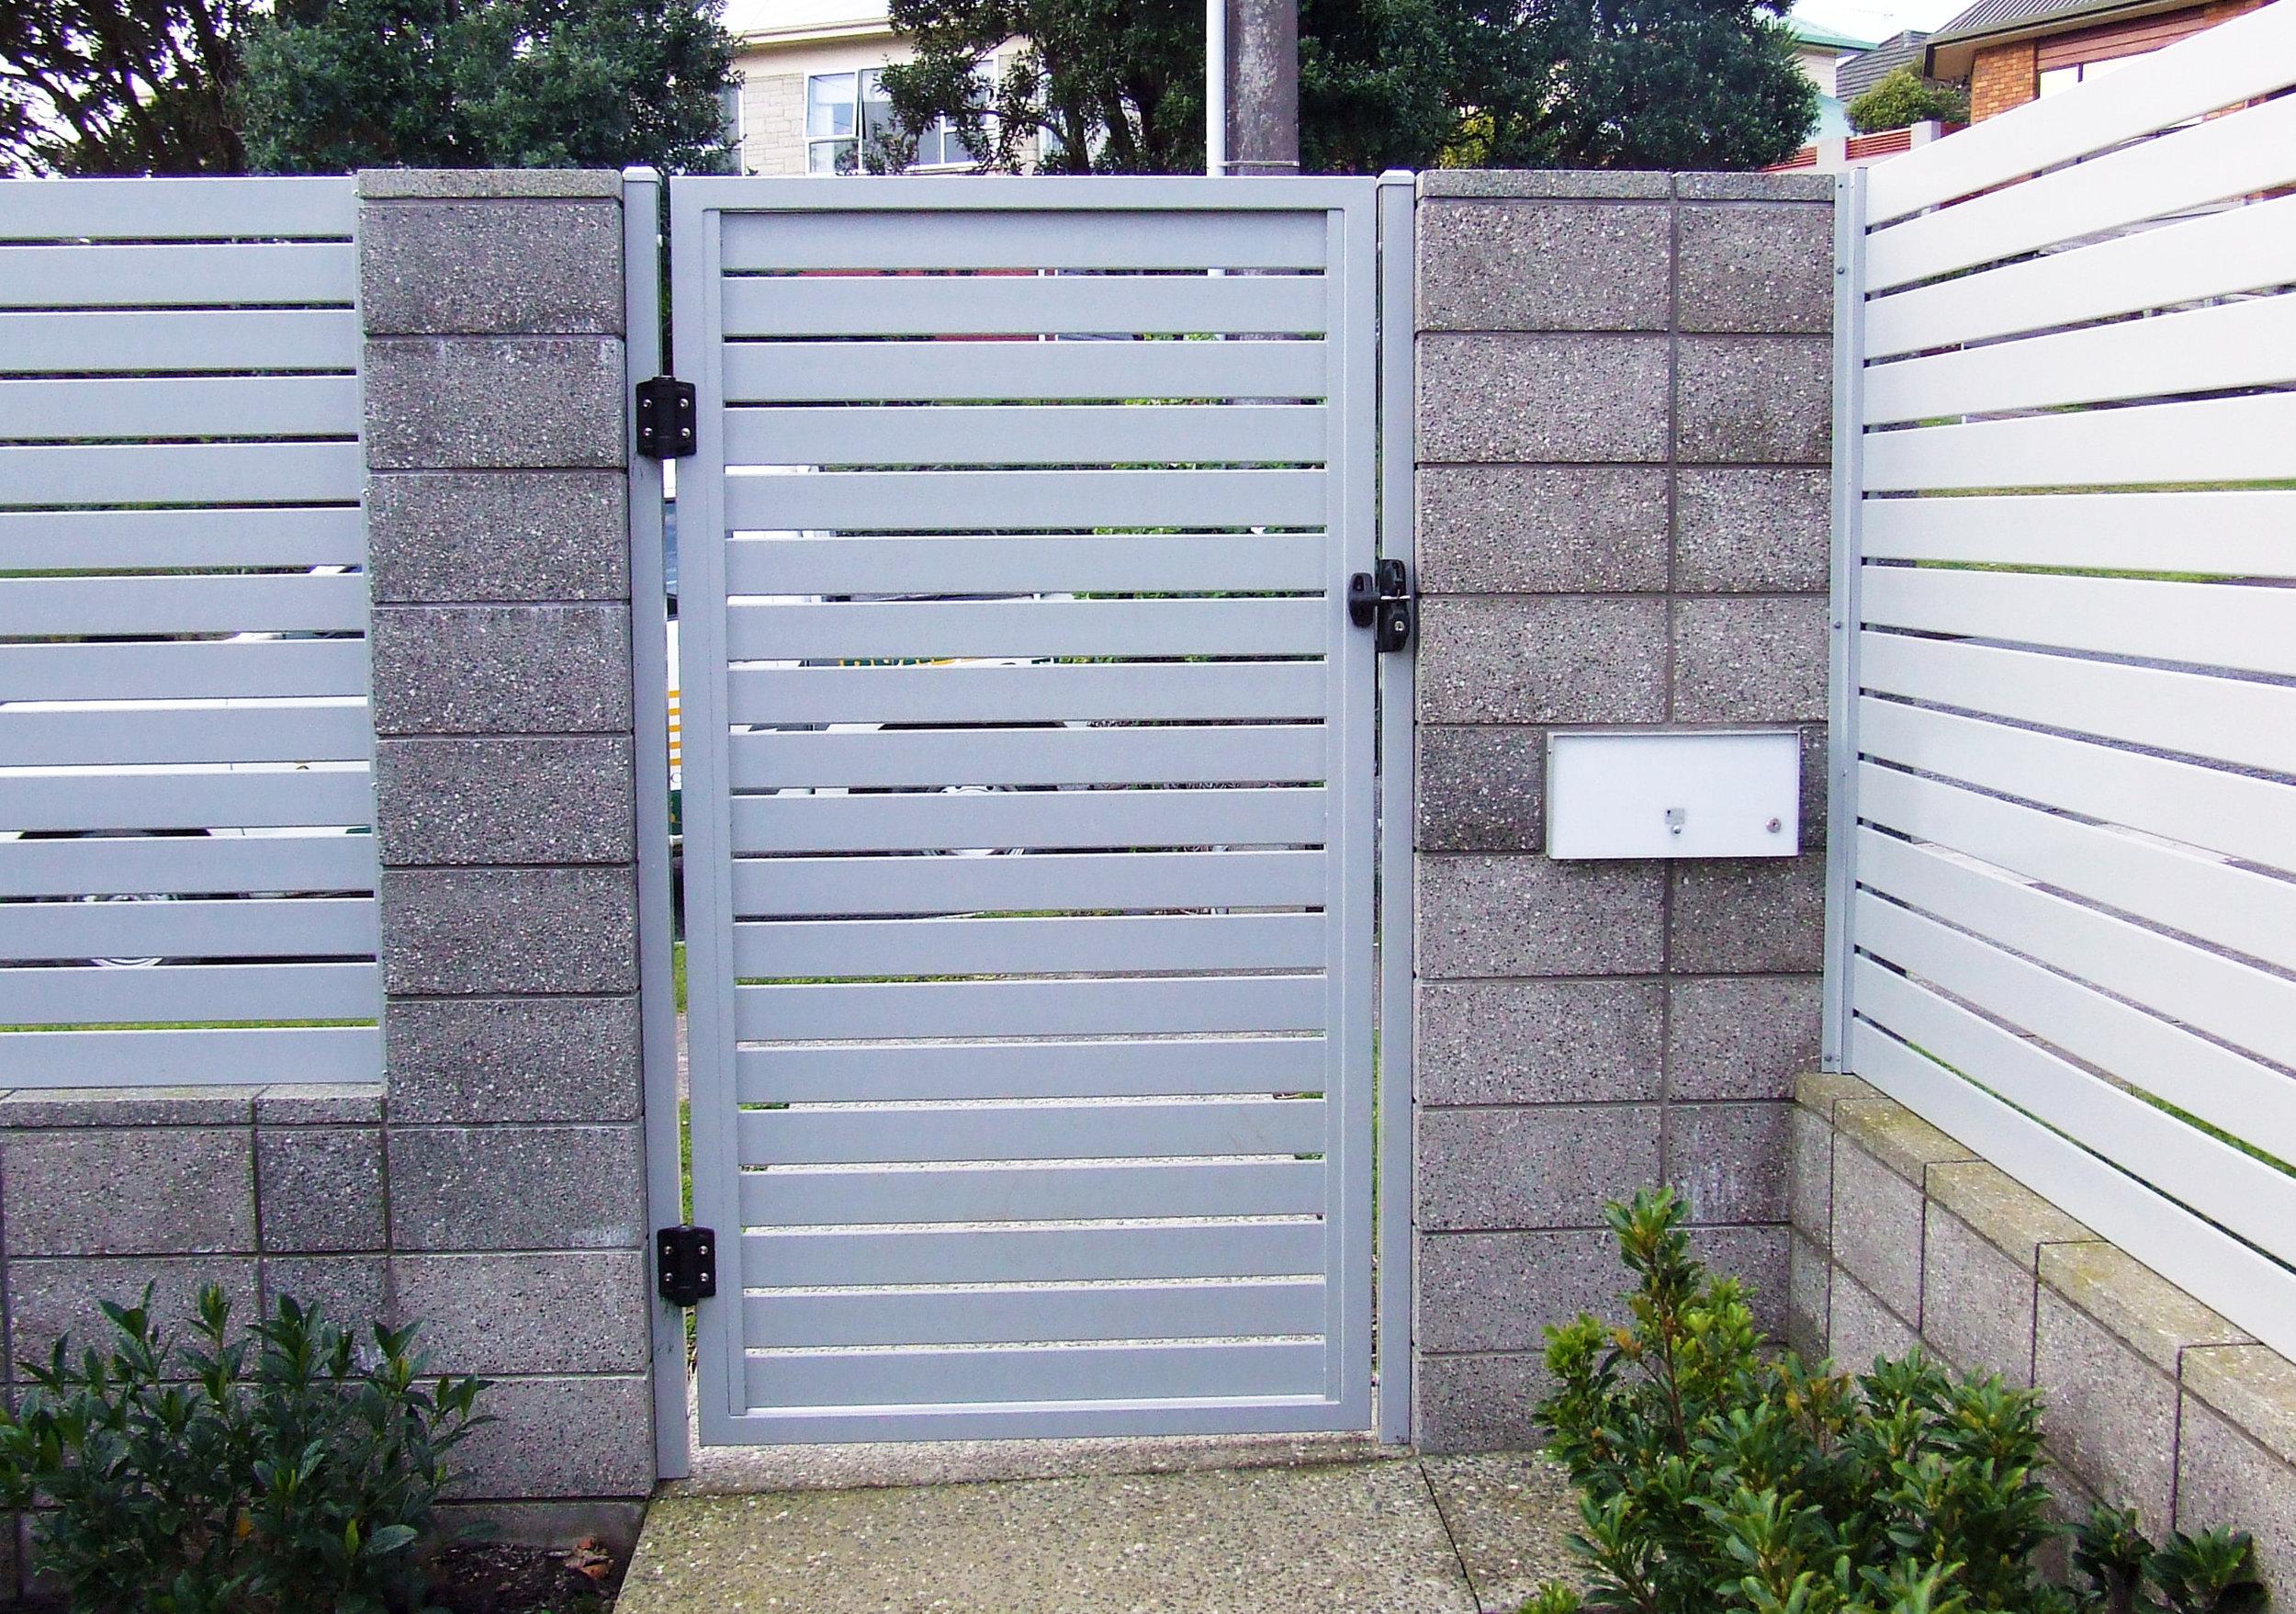 (18) Aluminium slat gate between honed block columns